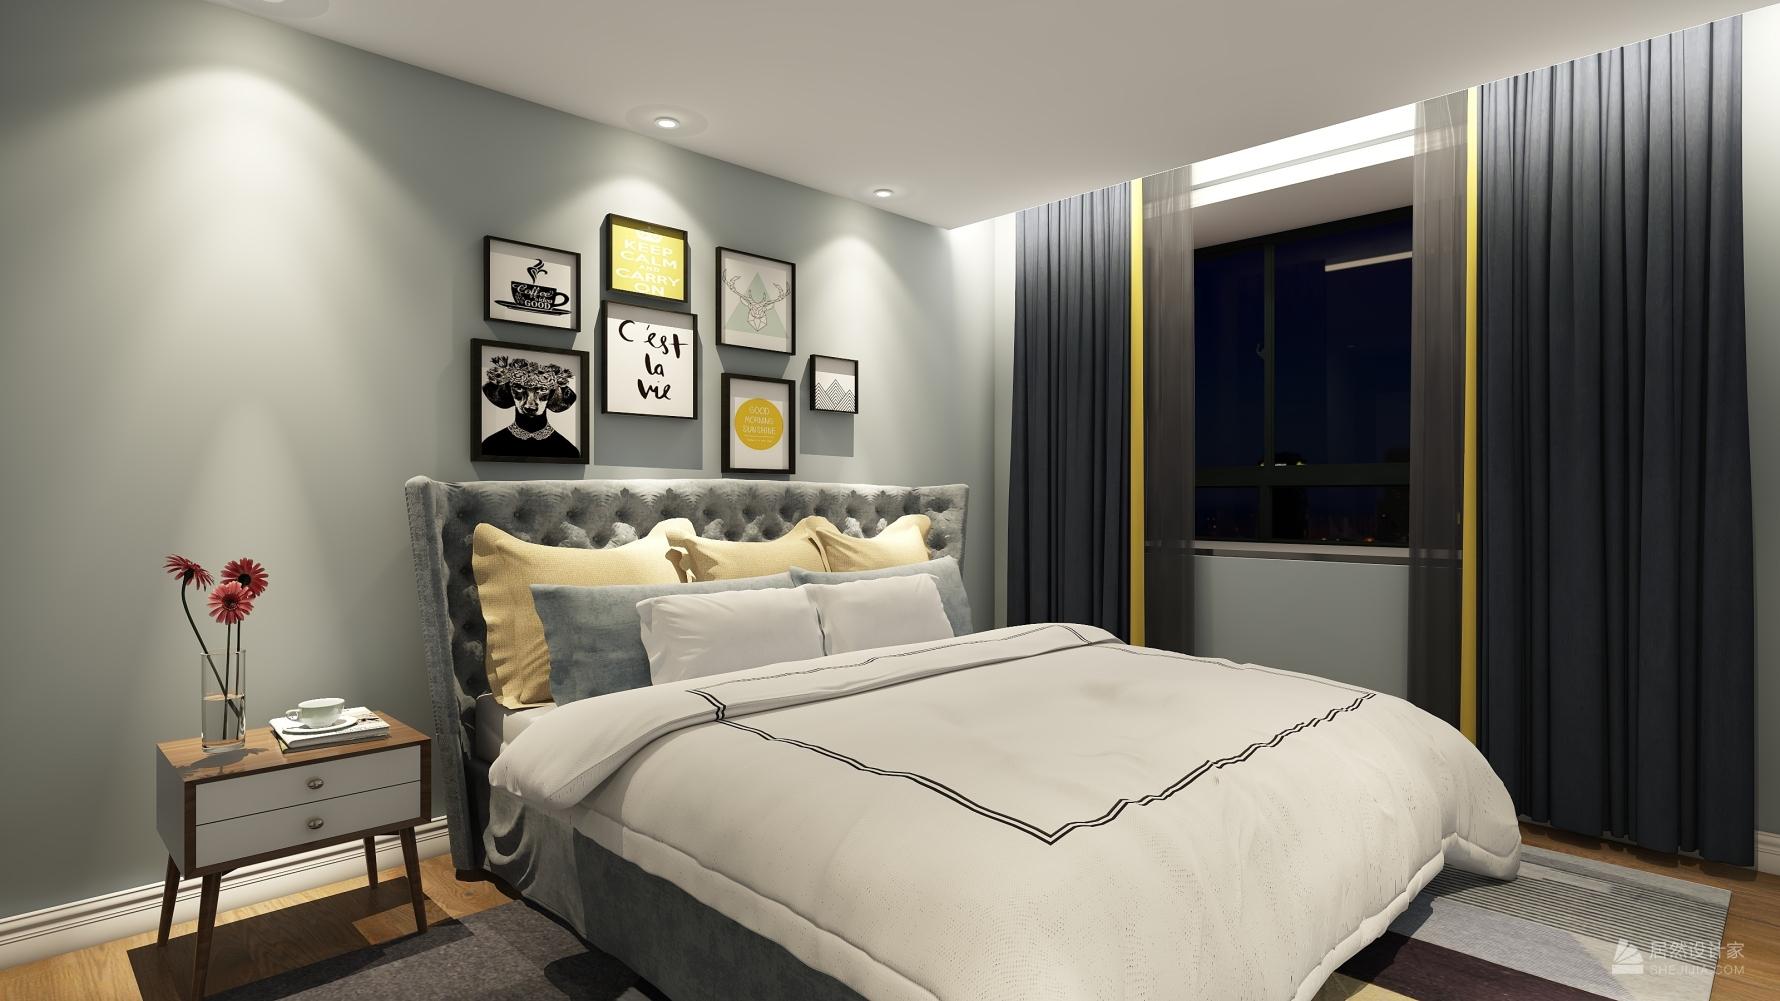 混搭风格两室两厅装修设计图